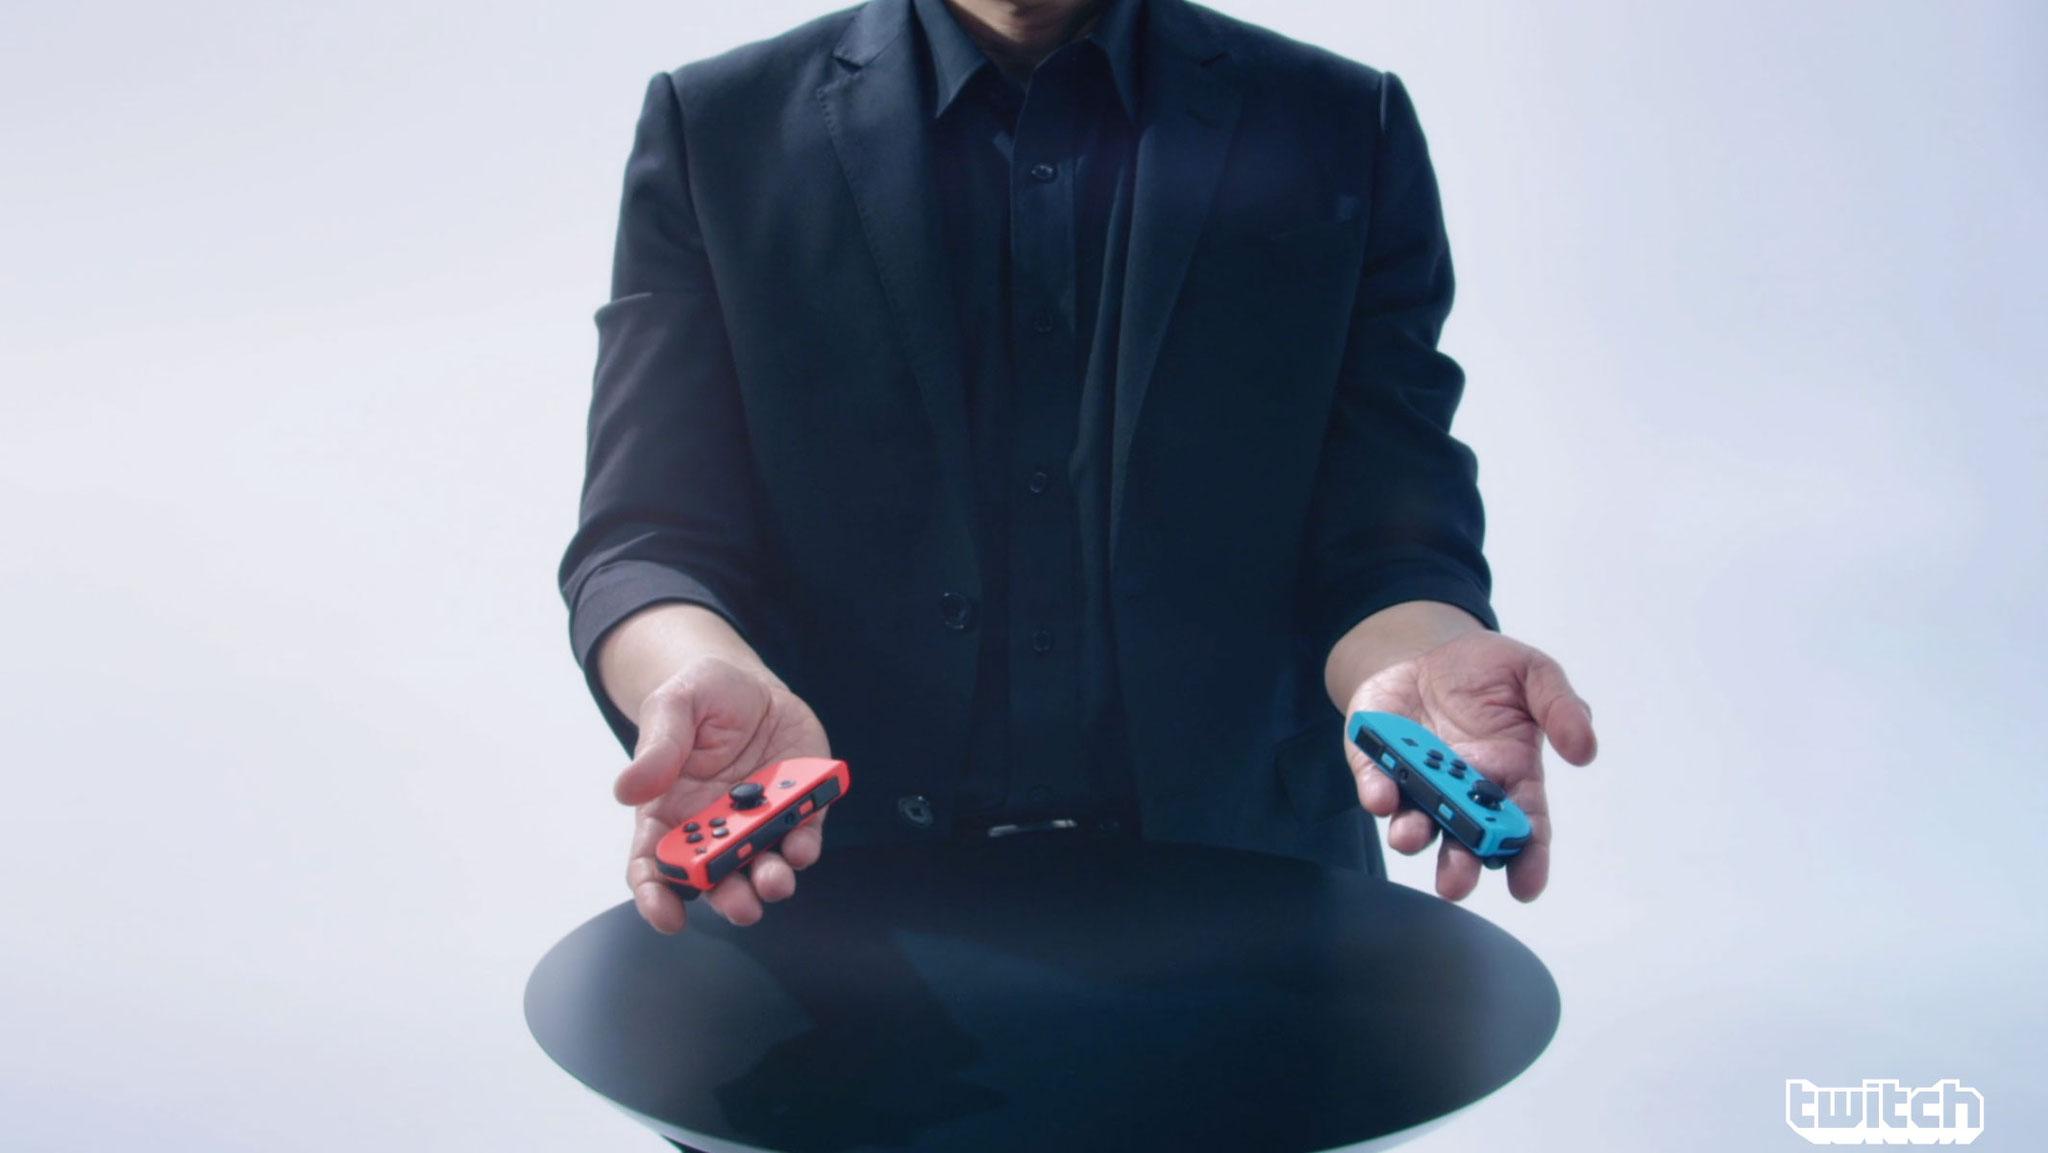 Typisch Nintendo: Die Joy-Cons gibt's auch in Bunt